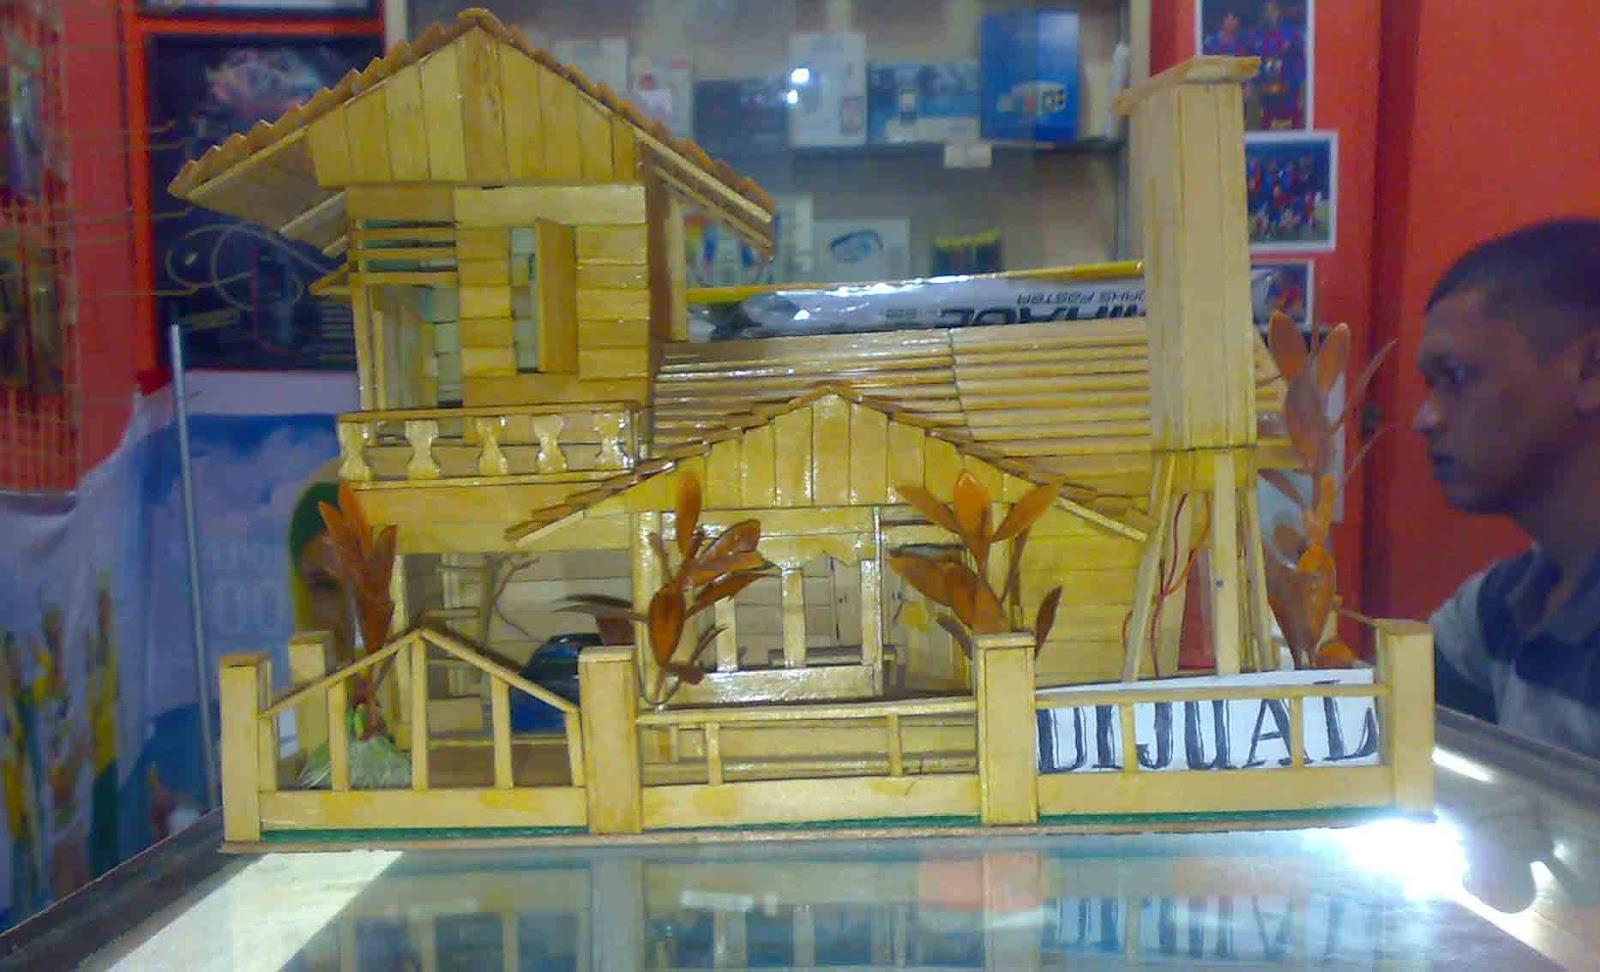 Tutorial Cara Membuat Miniatur Rumah Dari Stik Es Krim - 44 Ide Kerajinan Tangan Dari Stik Es ...